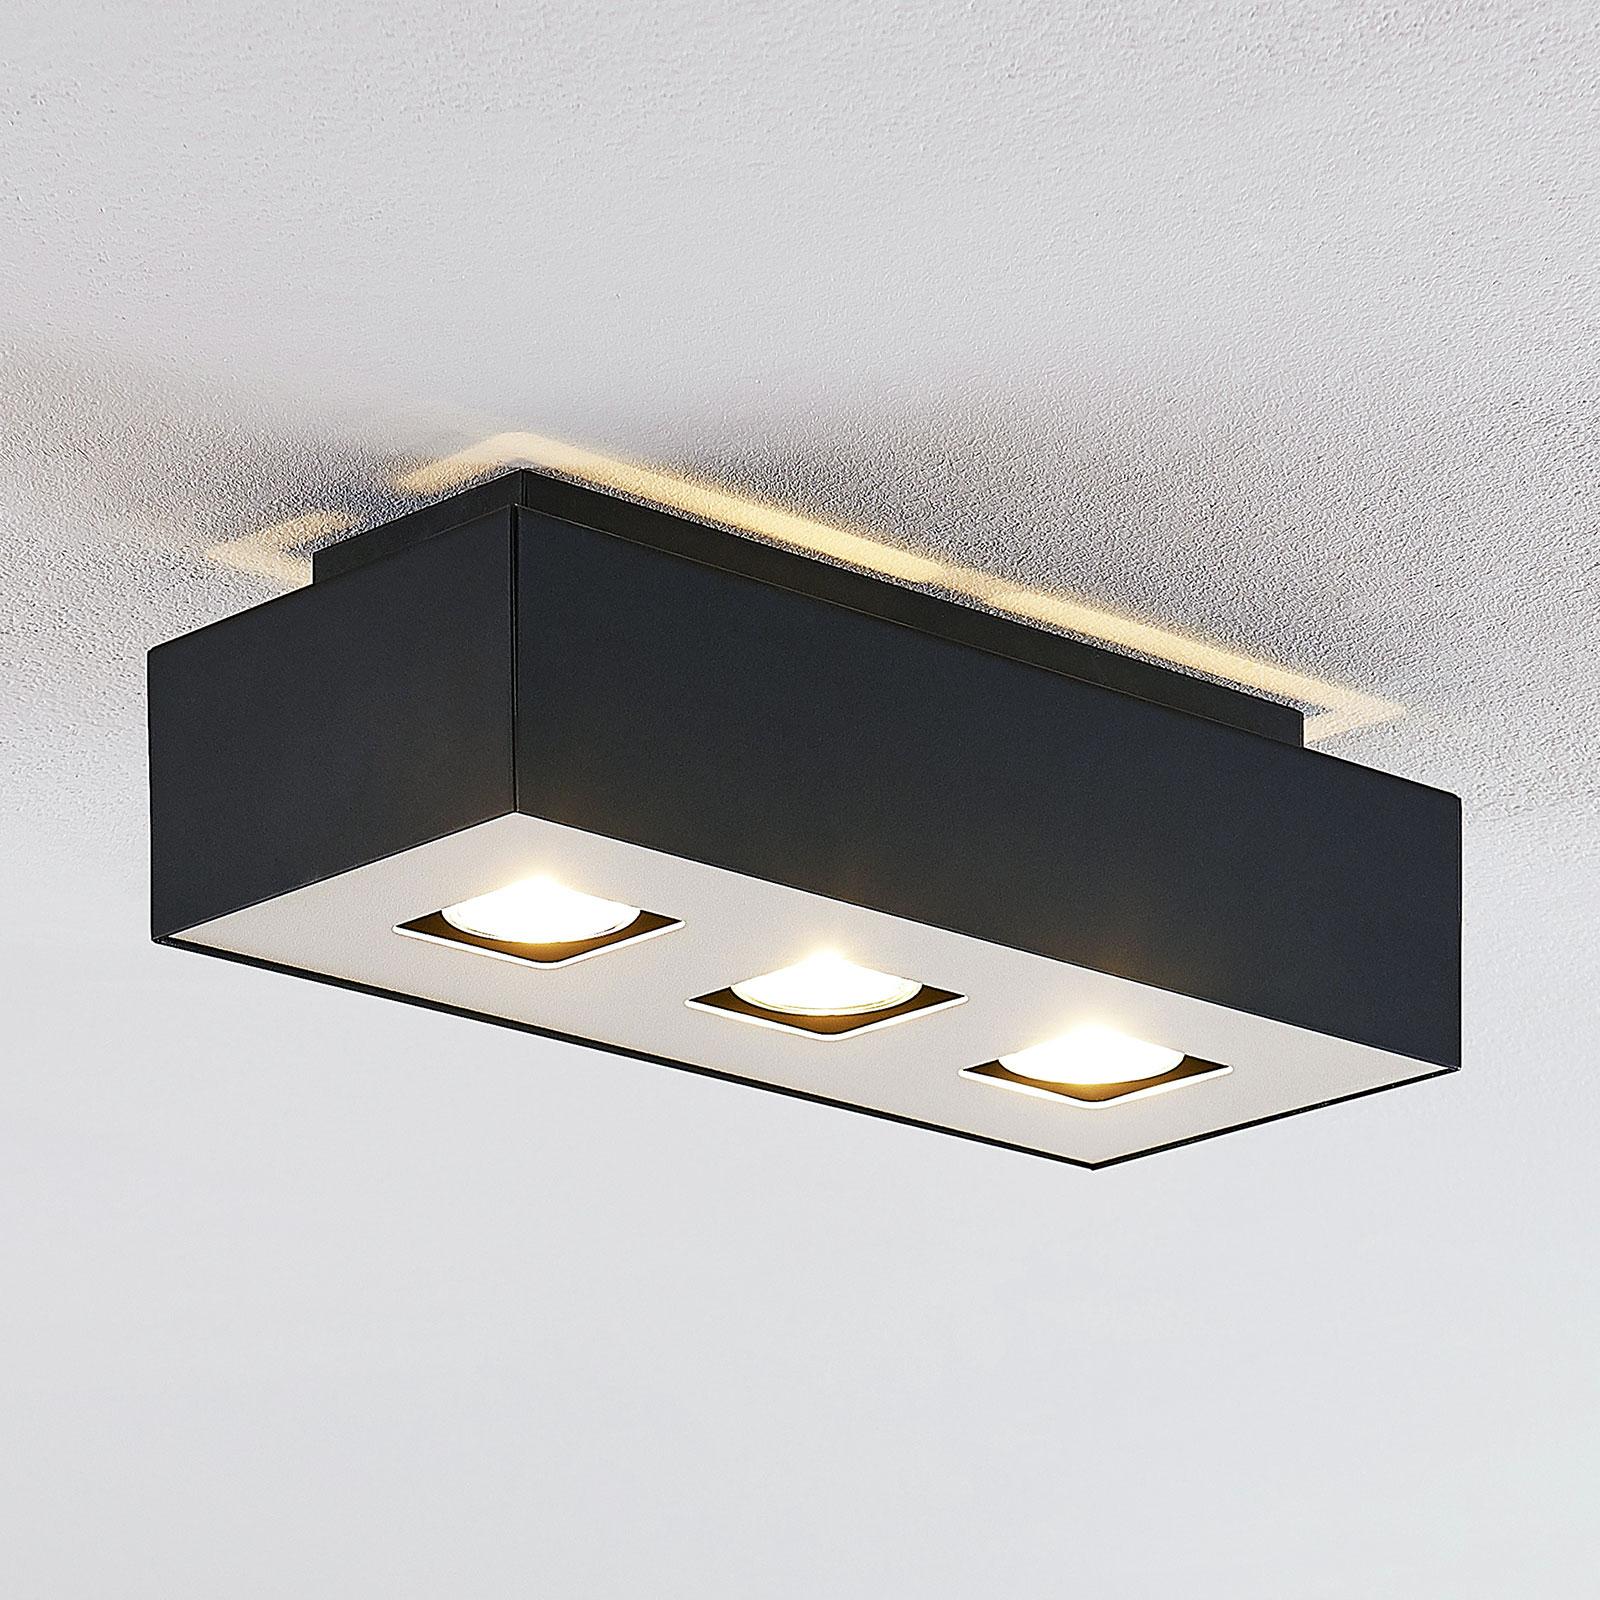 Lindby Kasi -kattovalaisin, musta, 3-lamppuinen